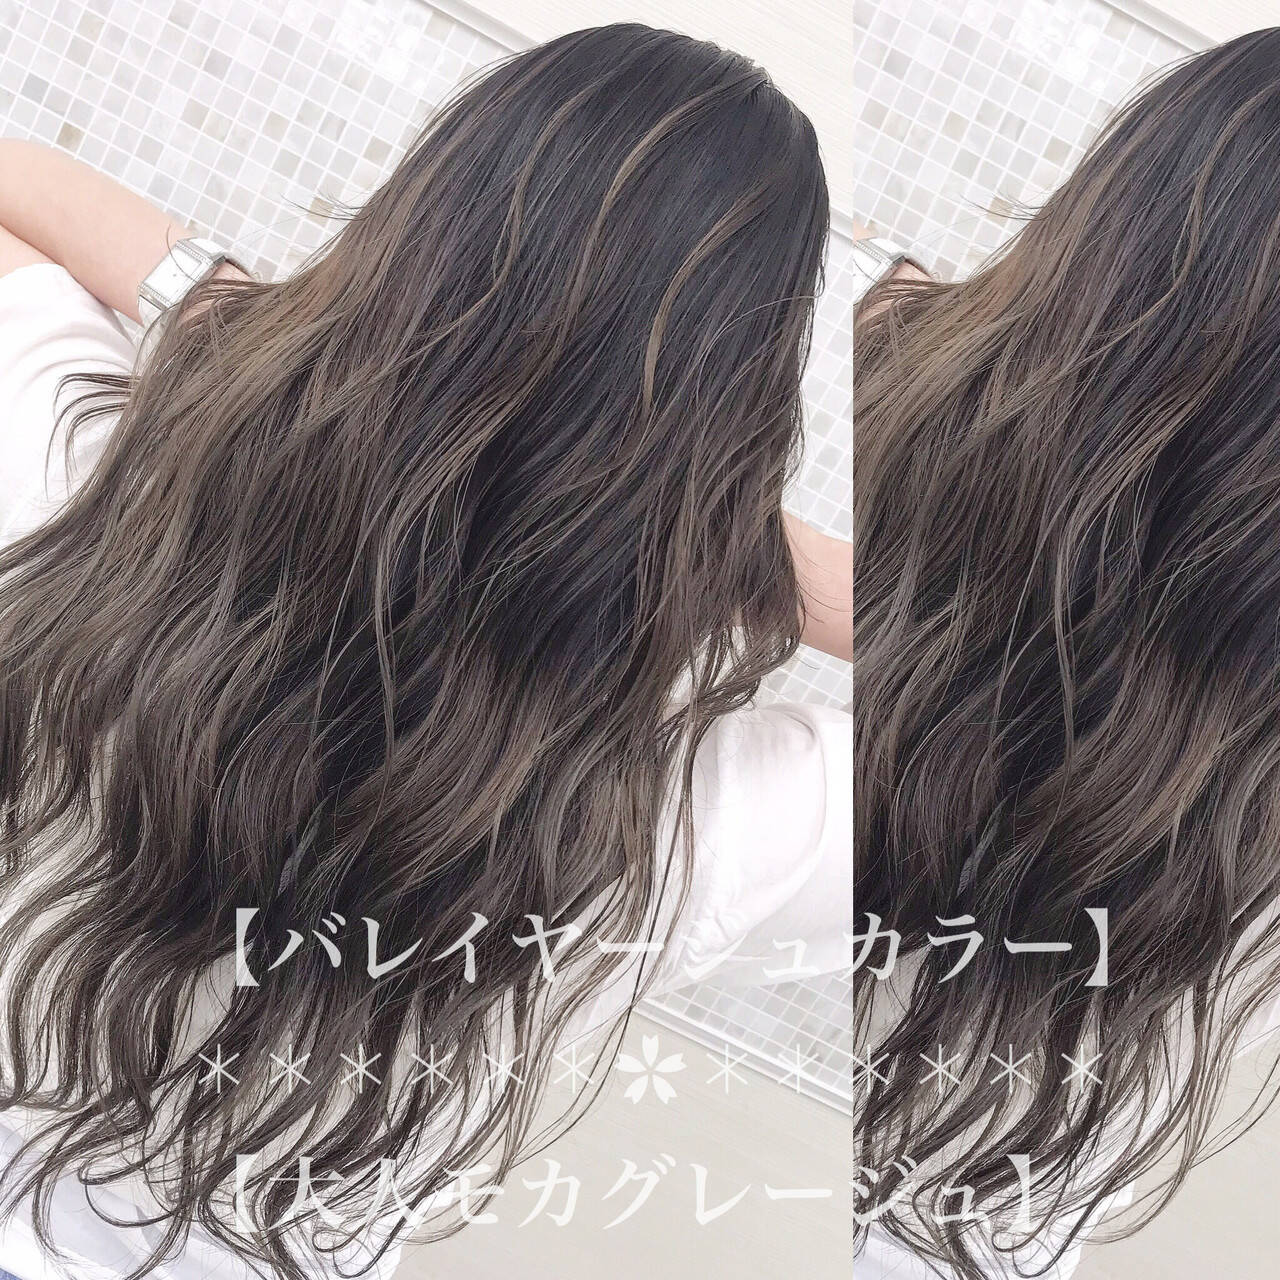 ナチュラル 外国人風カラー 透明感カラー イルミナカラーヘアスタイルや髪型の写真・画像